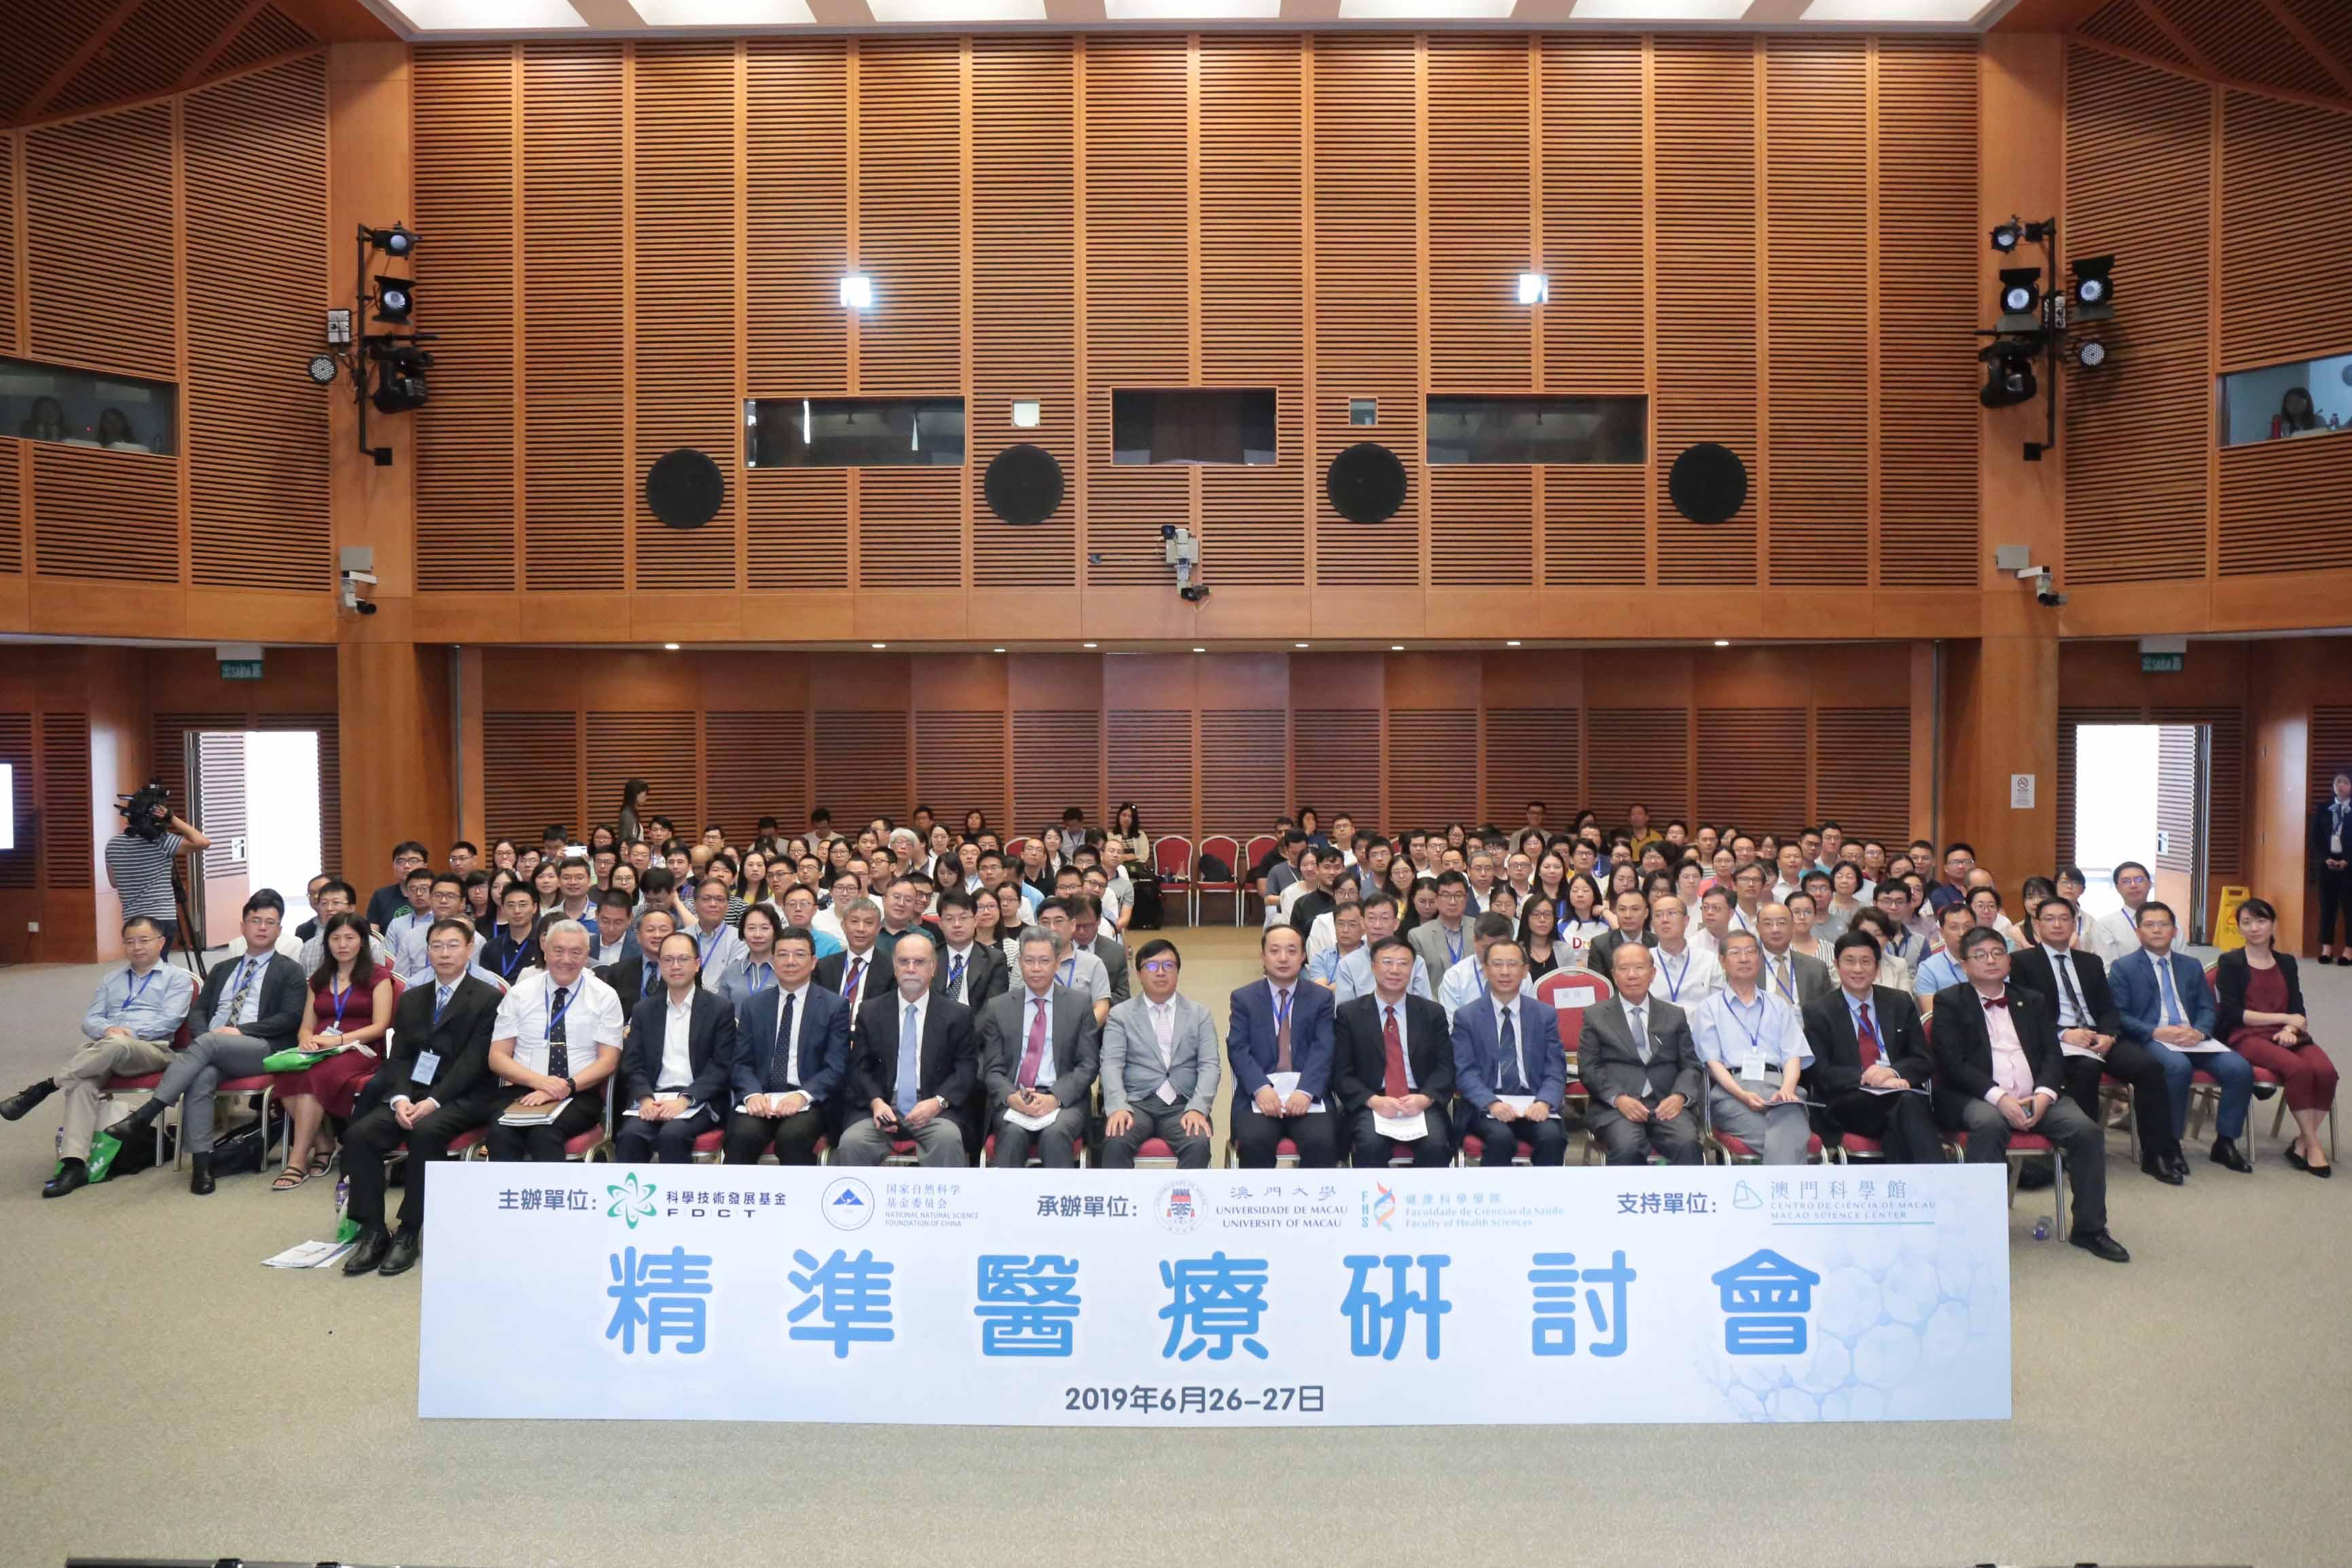 The Precision Medicine Symposium